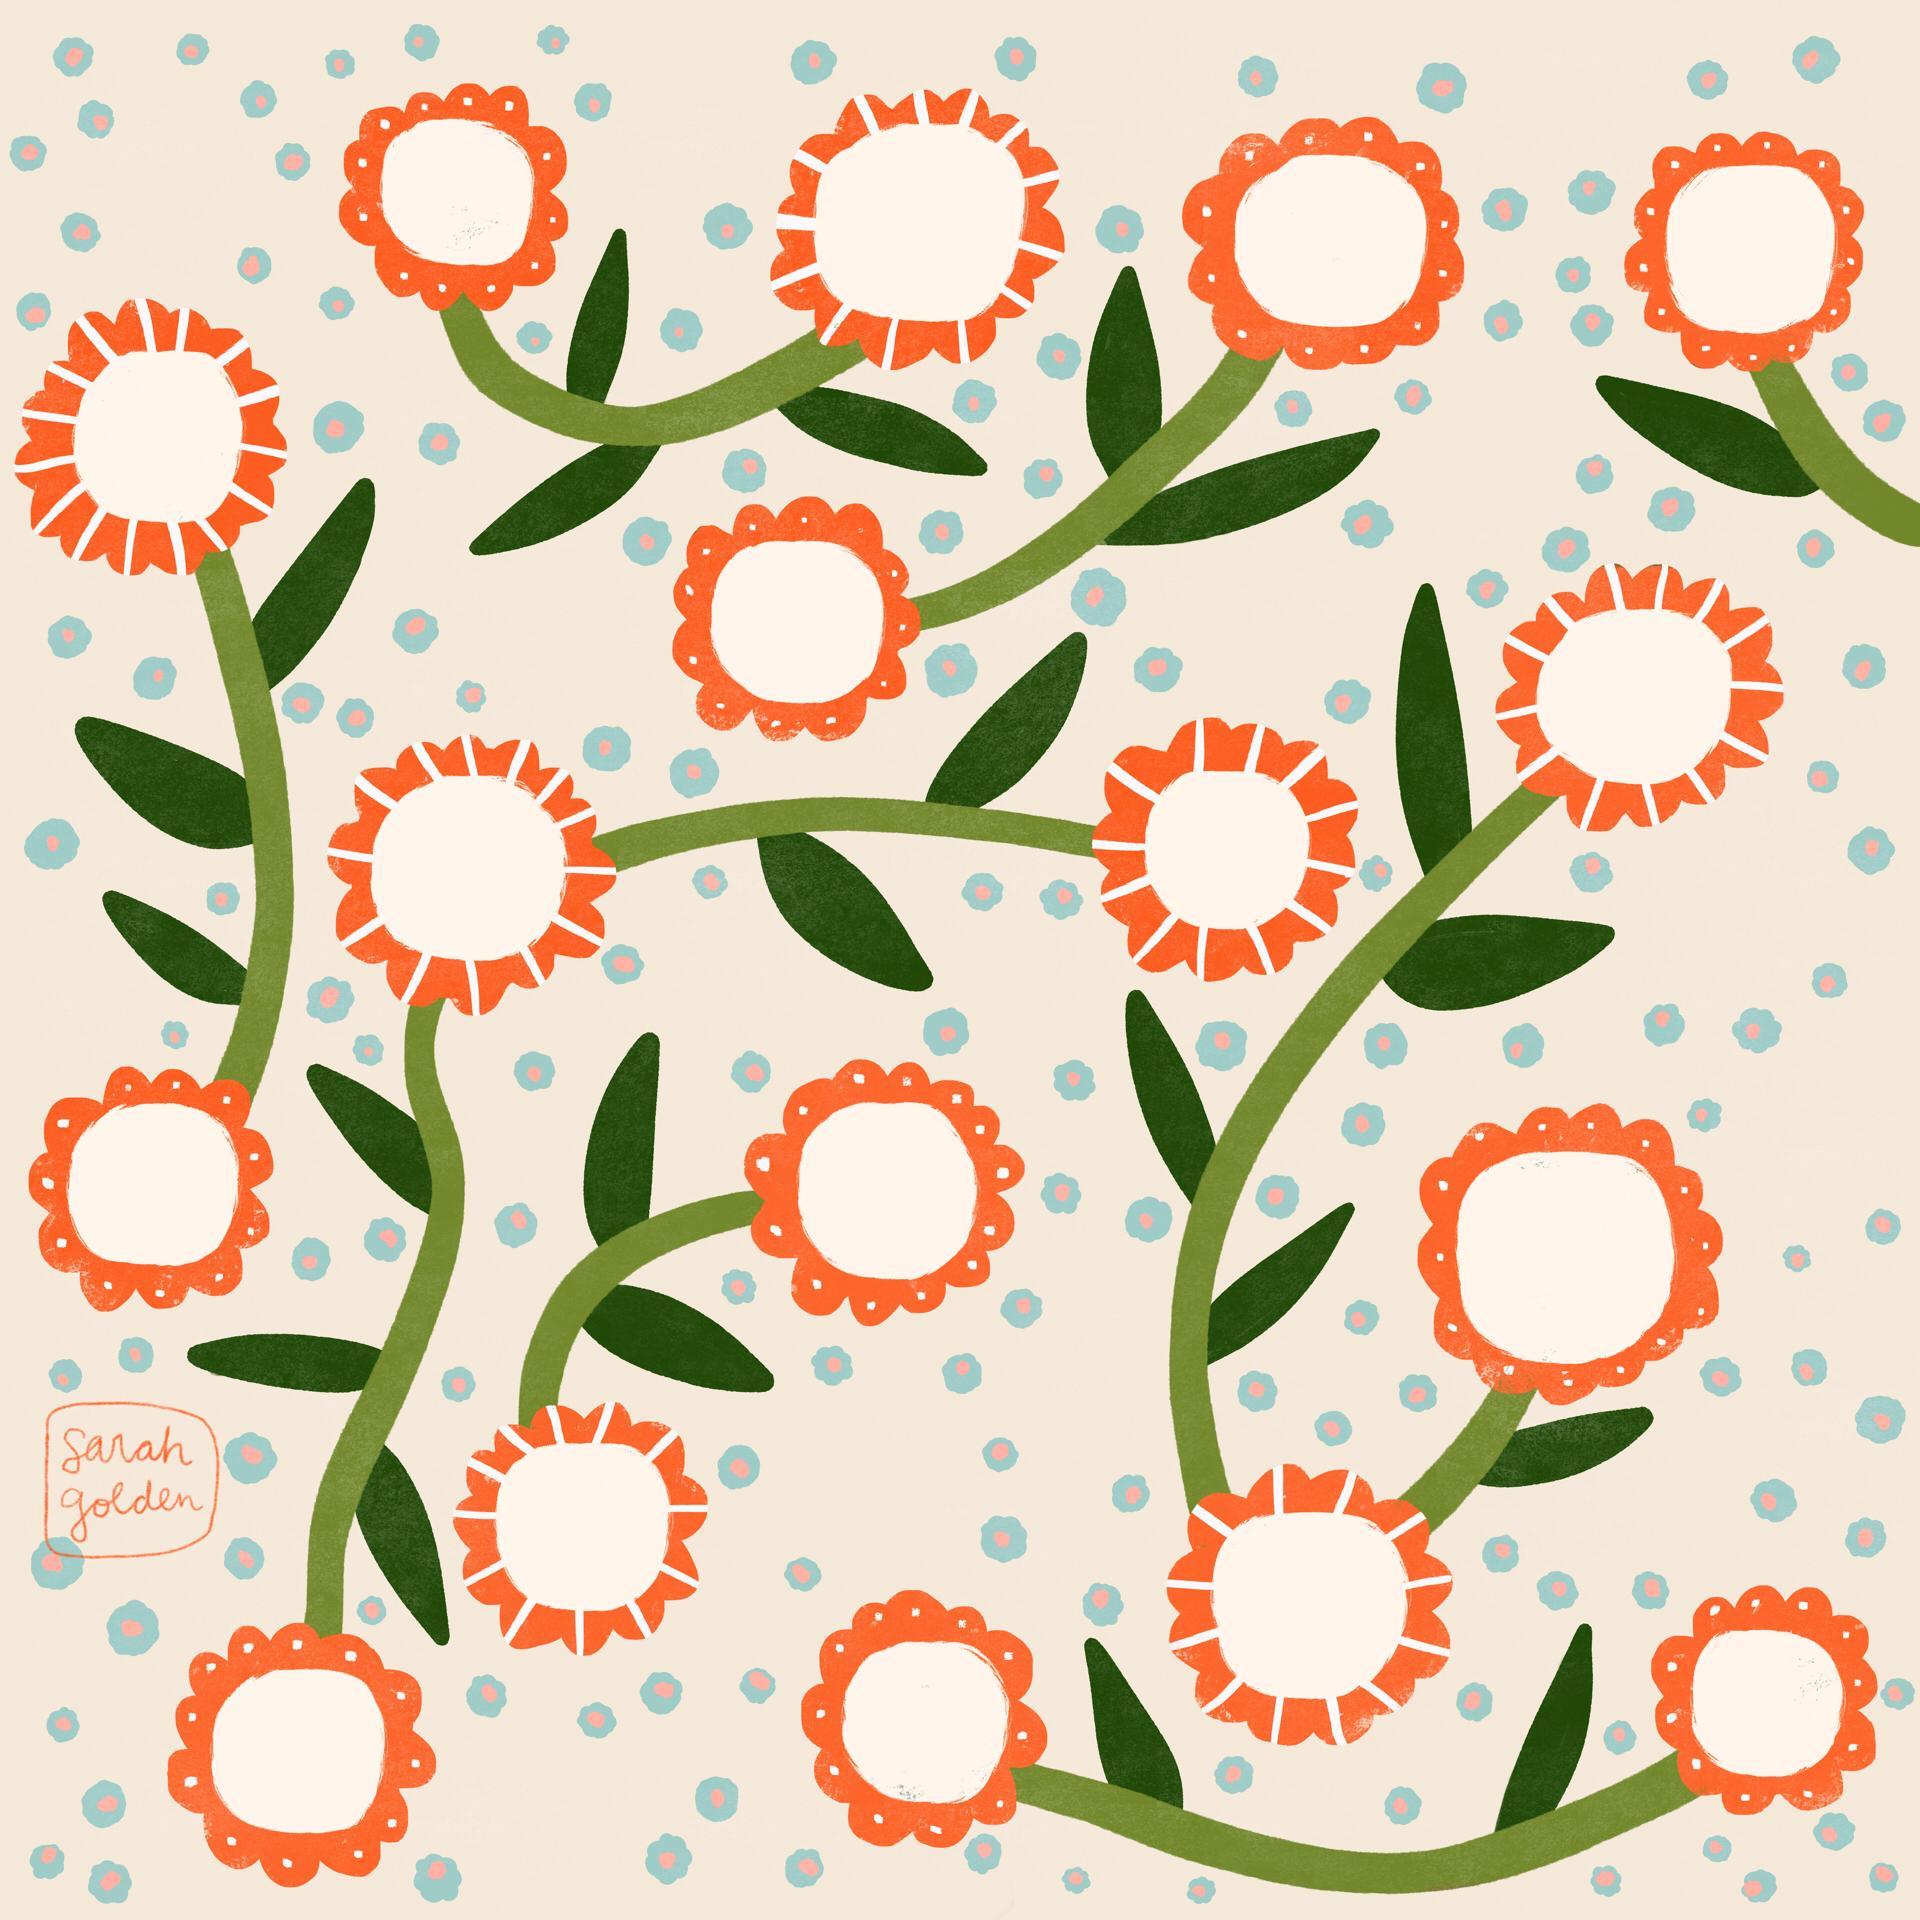 Floral Vines by Sarah Golden